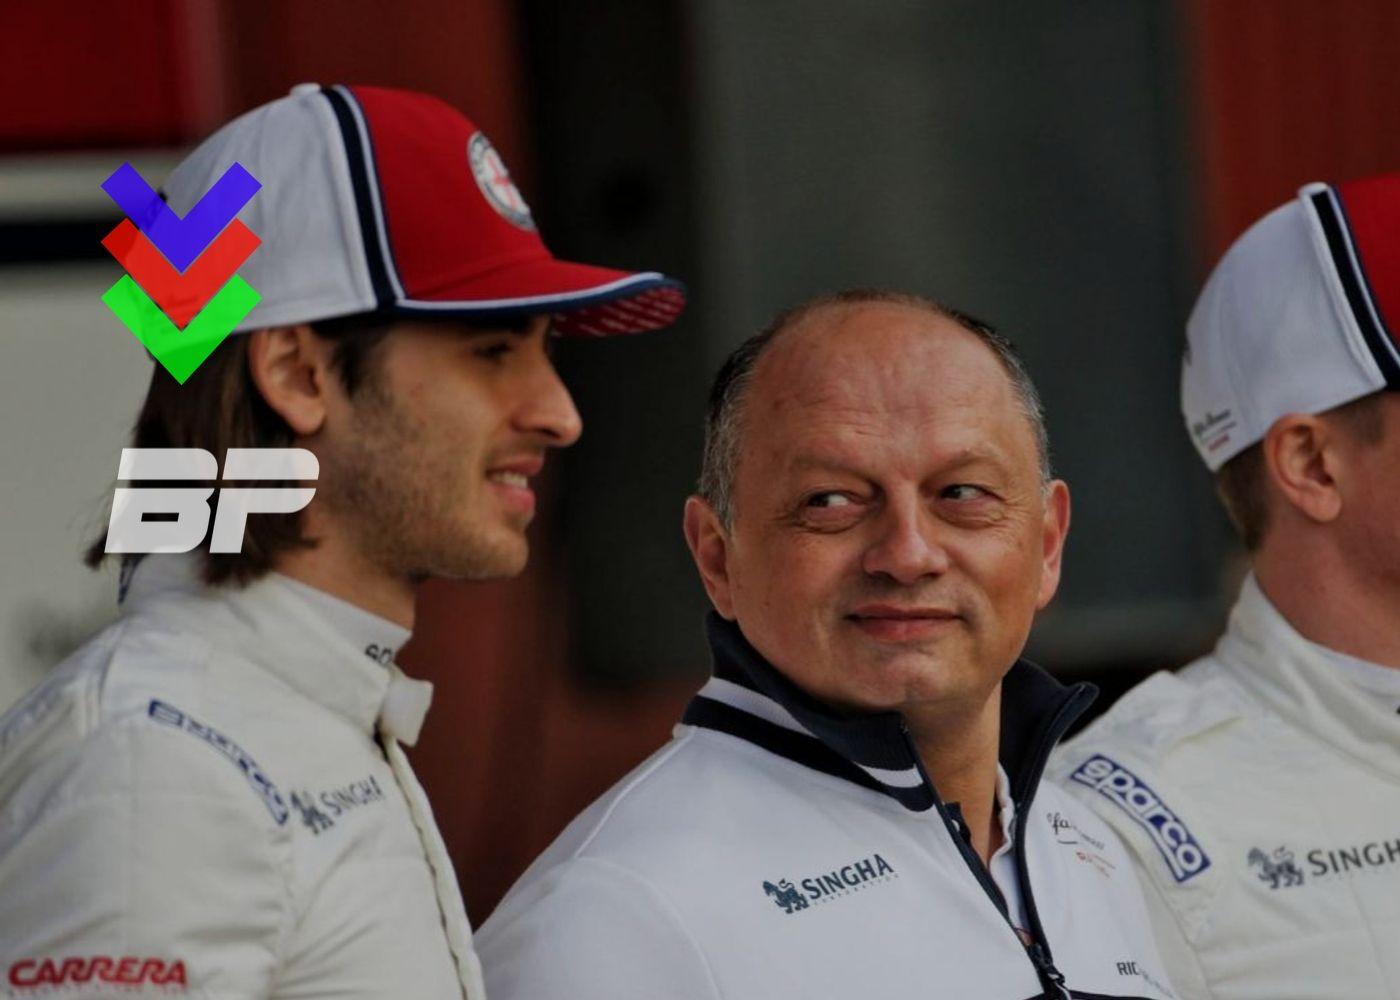 Foto de Chefe de equipe da Alfa Romeo, deve confirmar destino de Giovionazzi 'em breve'